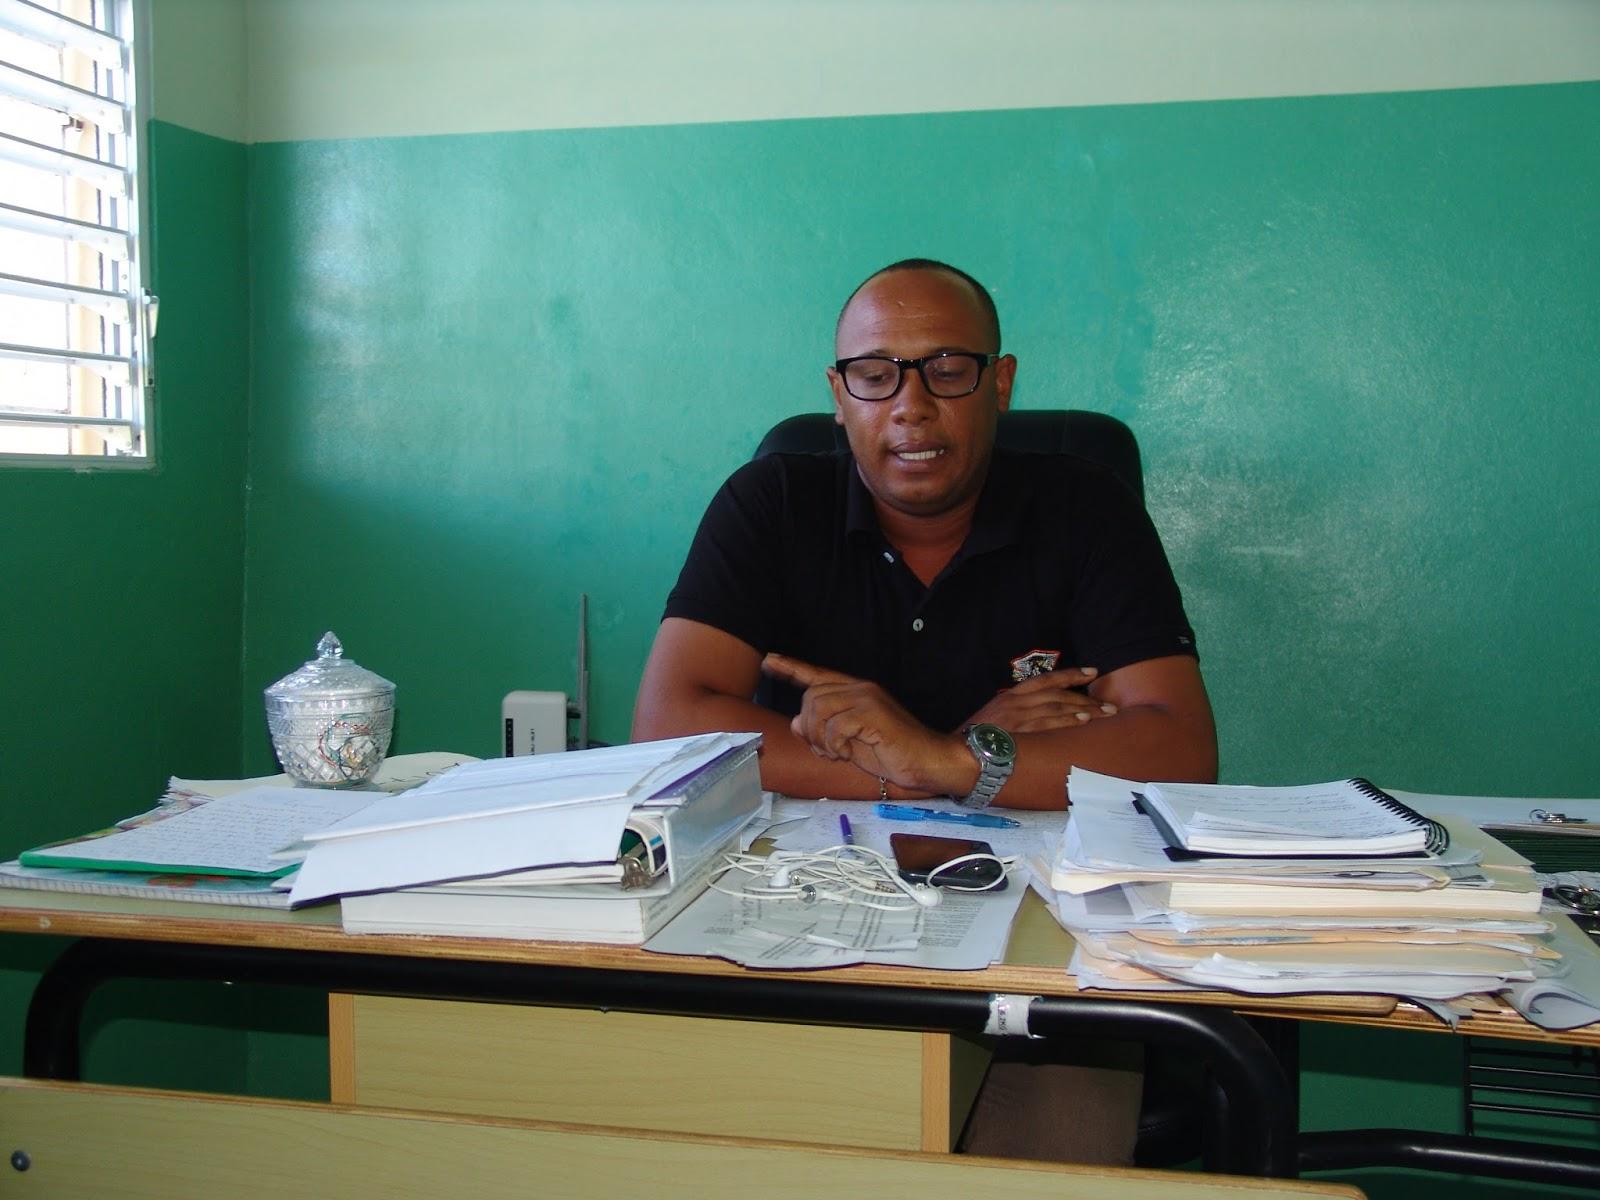 Niegan que se haya encontrado droga en Liceo de Artes  Ramón Oviedo de Palmarito